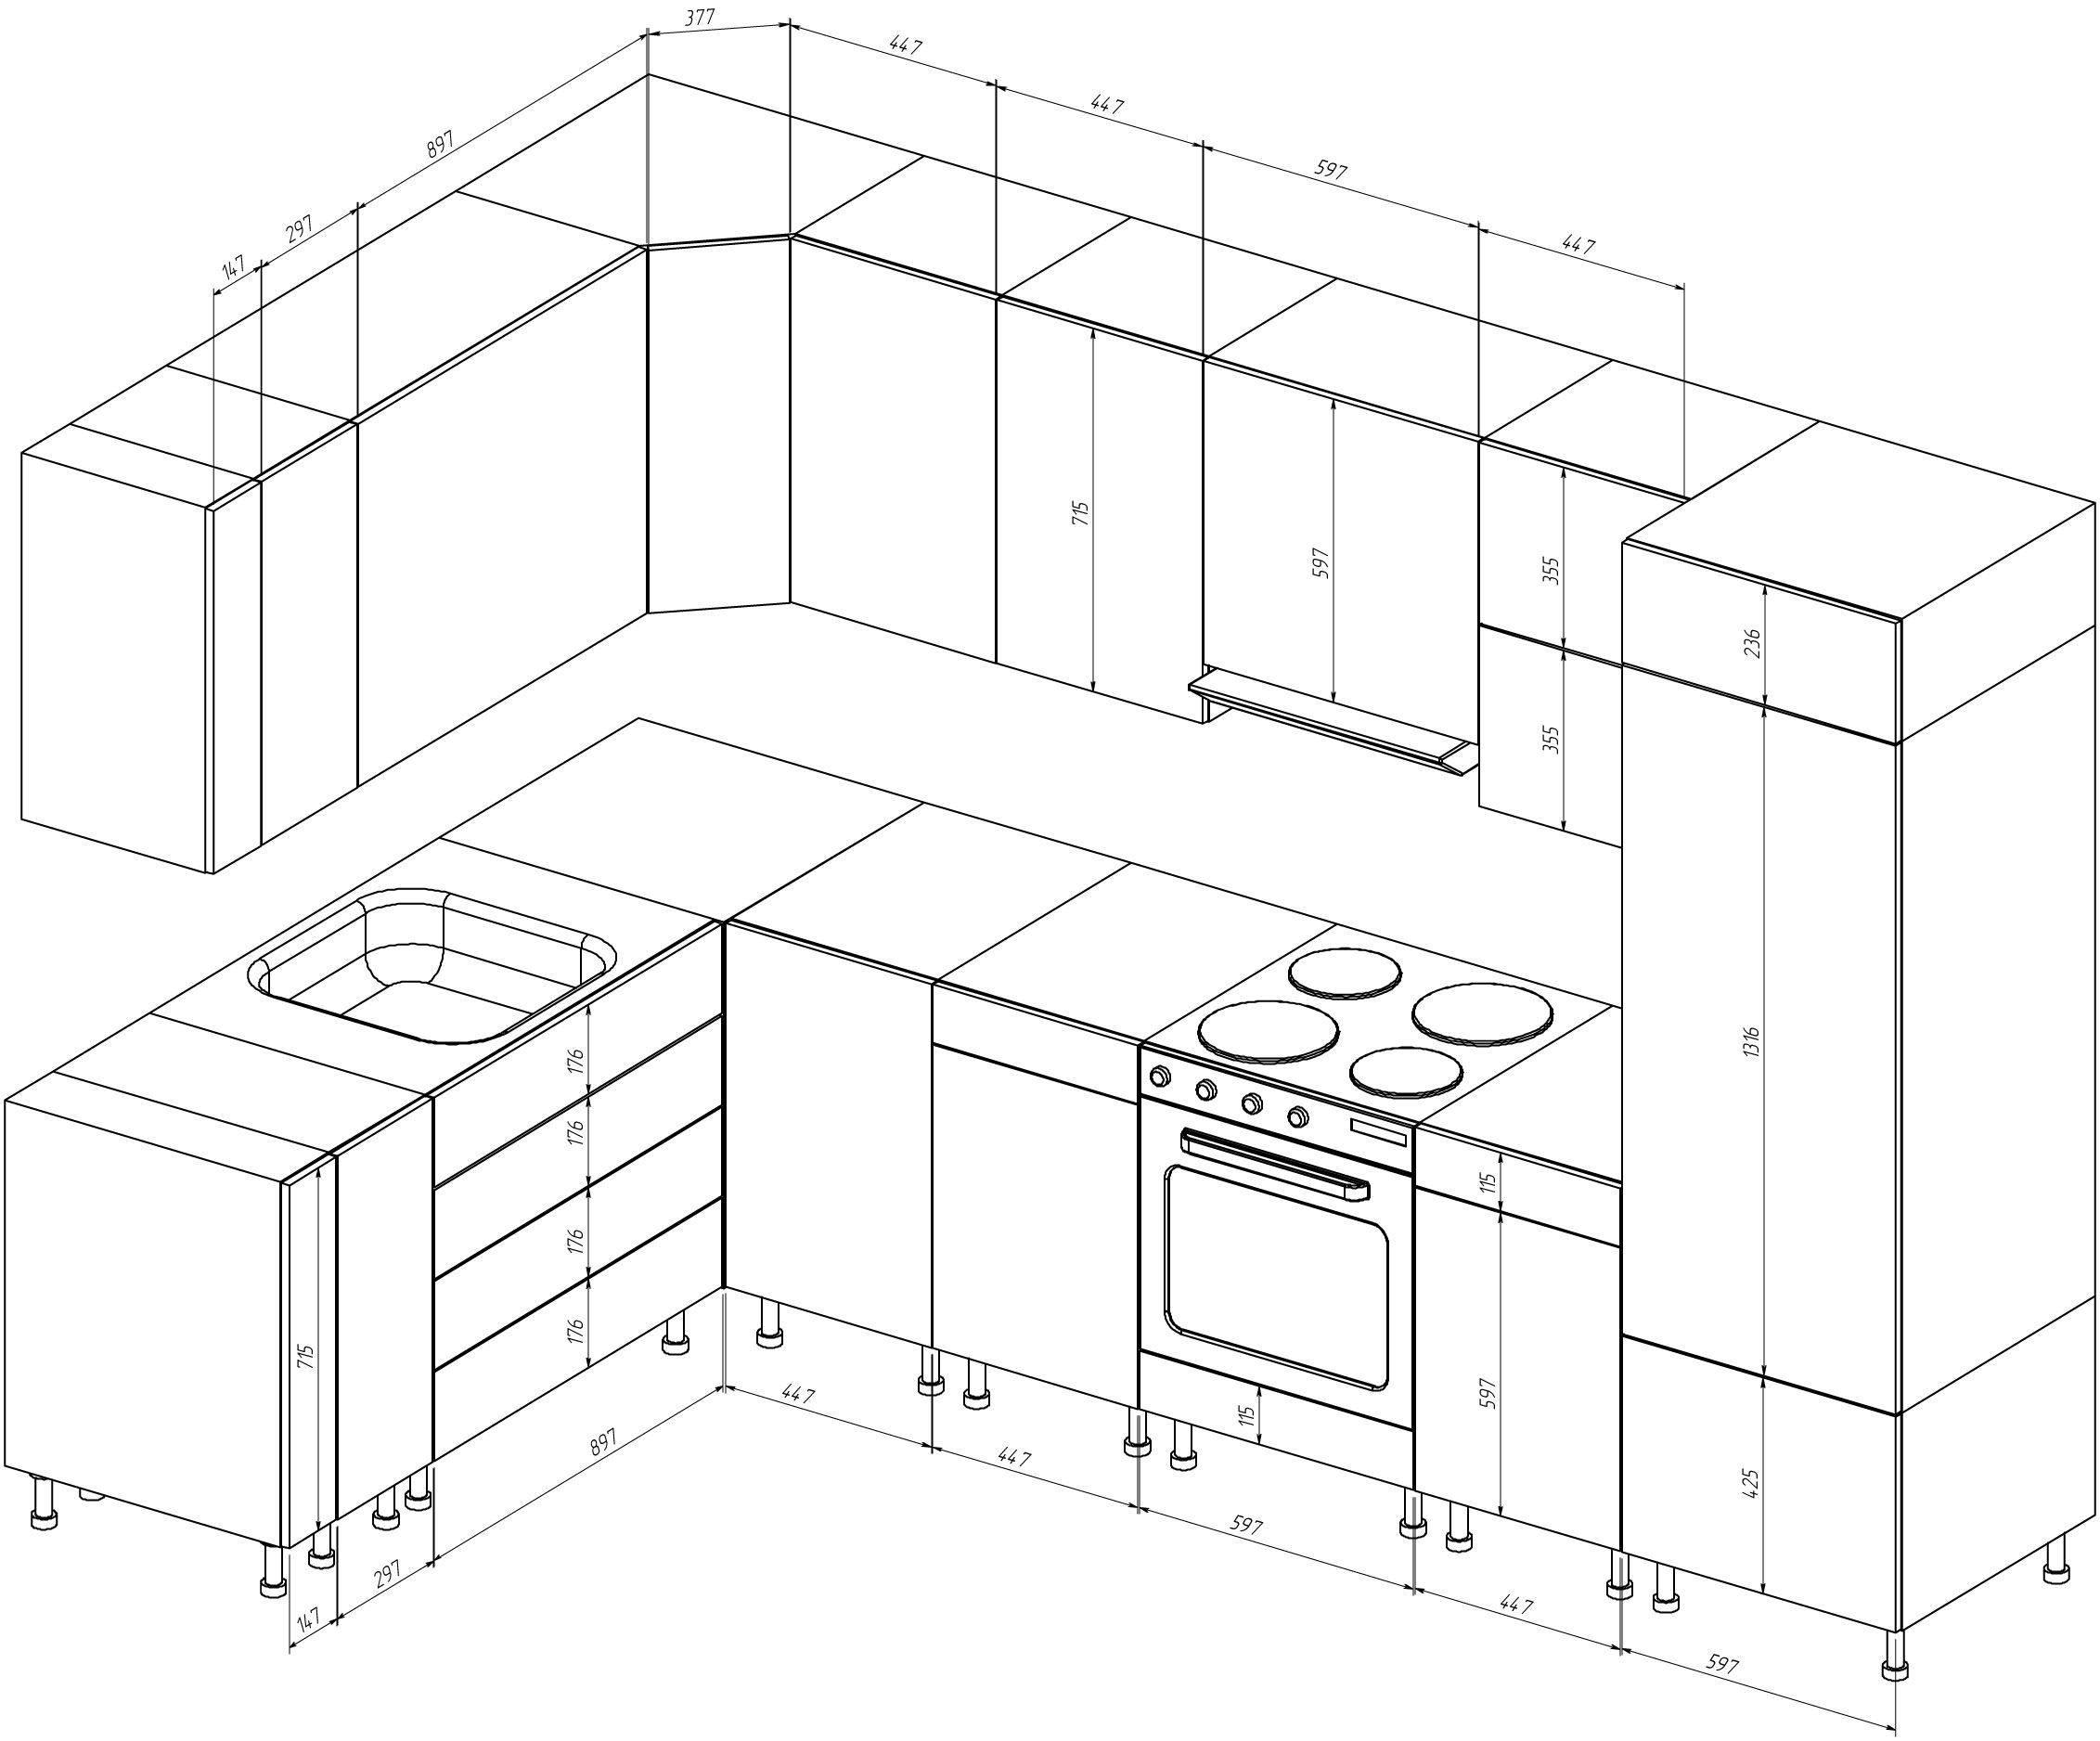 Проектирование кухонной мебели своими руками: чертежи стандартных и угловых шкафов с размерами